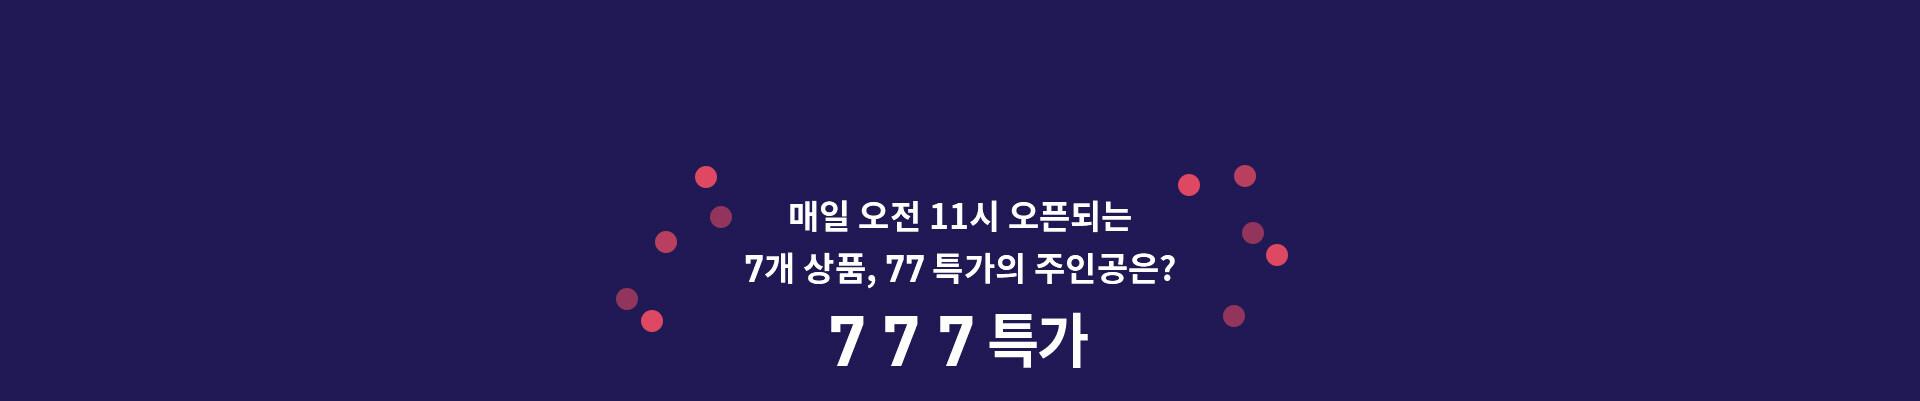 매일 오전 11시 오픈되는 7개 상품, 77 특가의 주인공은? 777특가